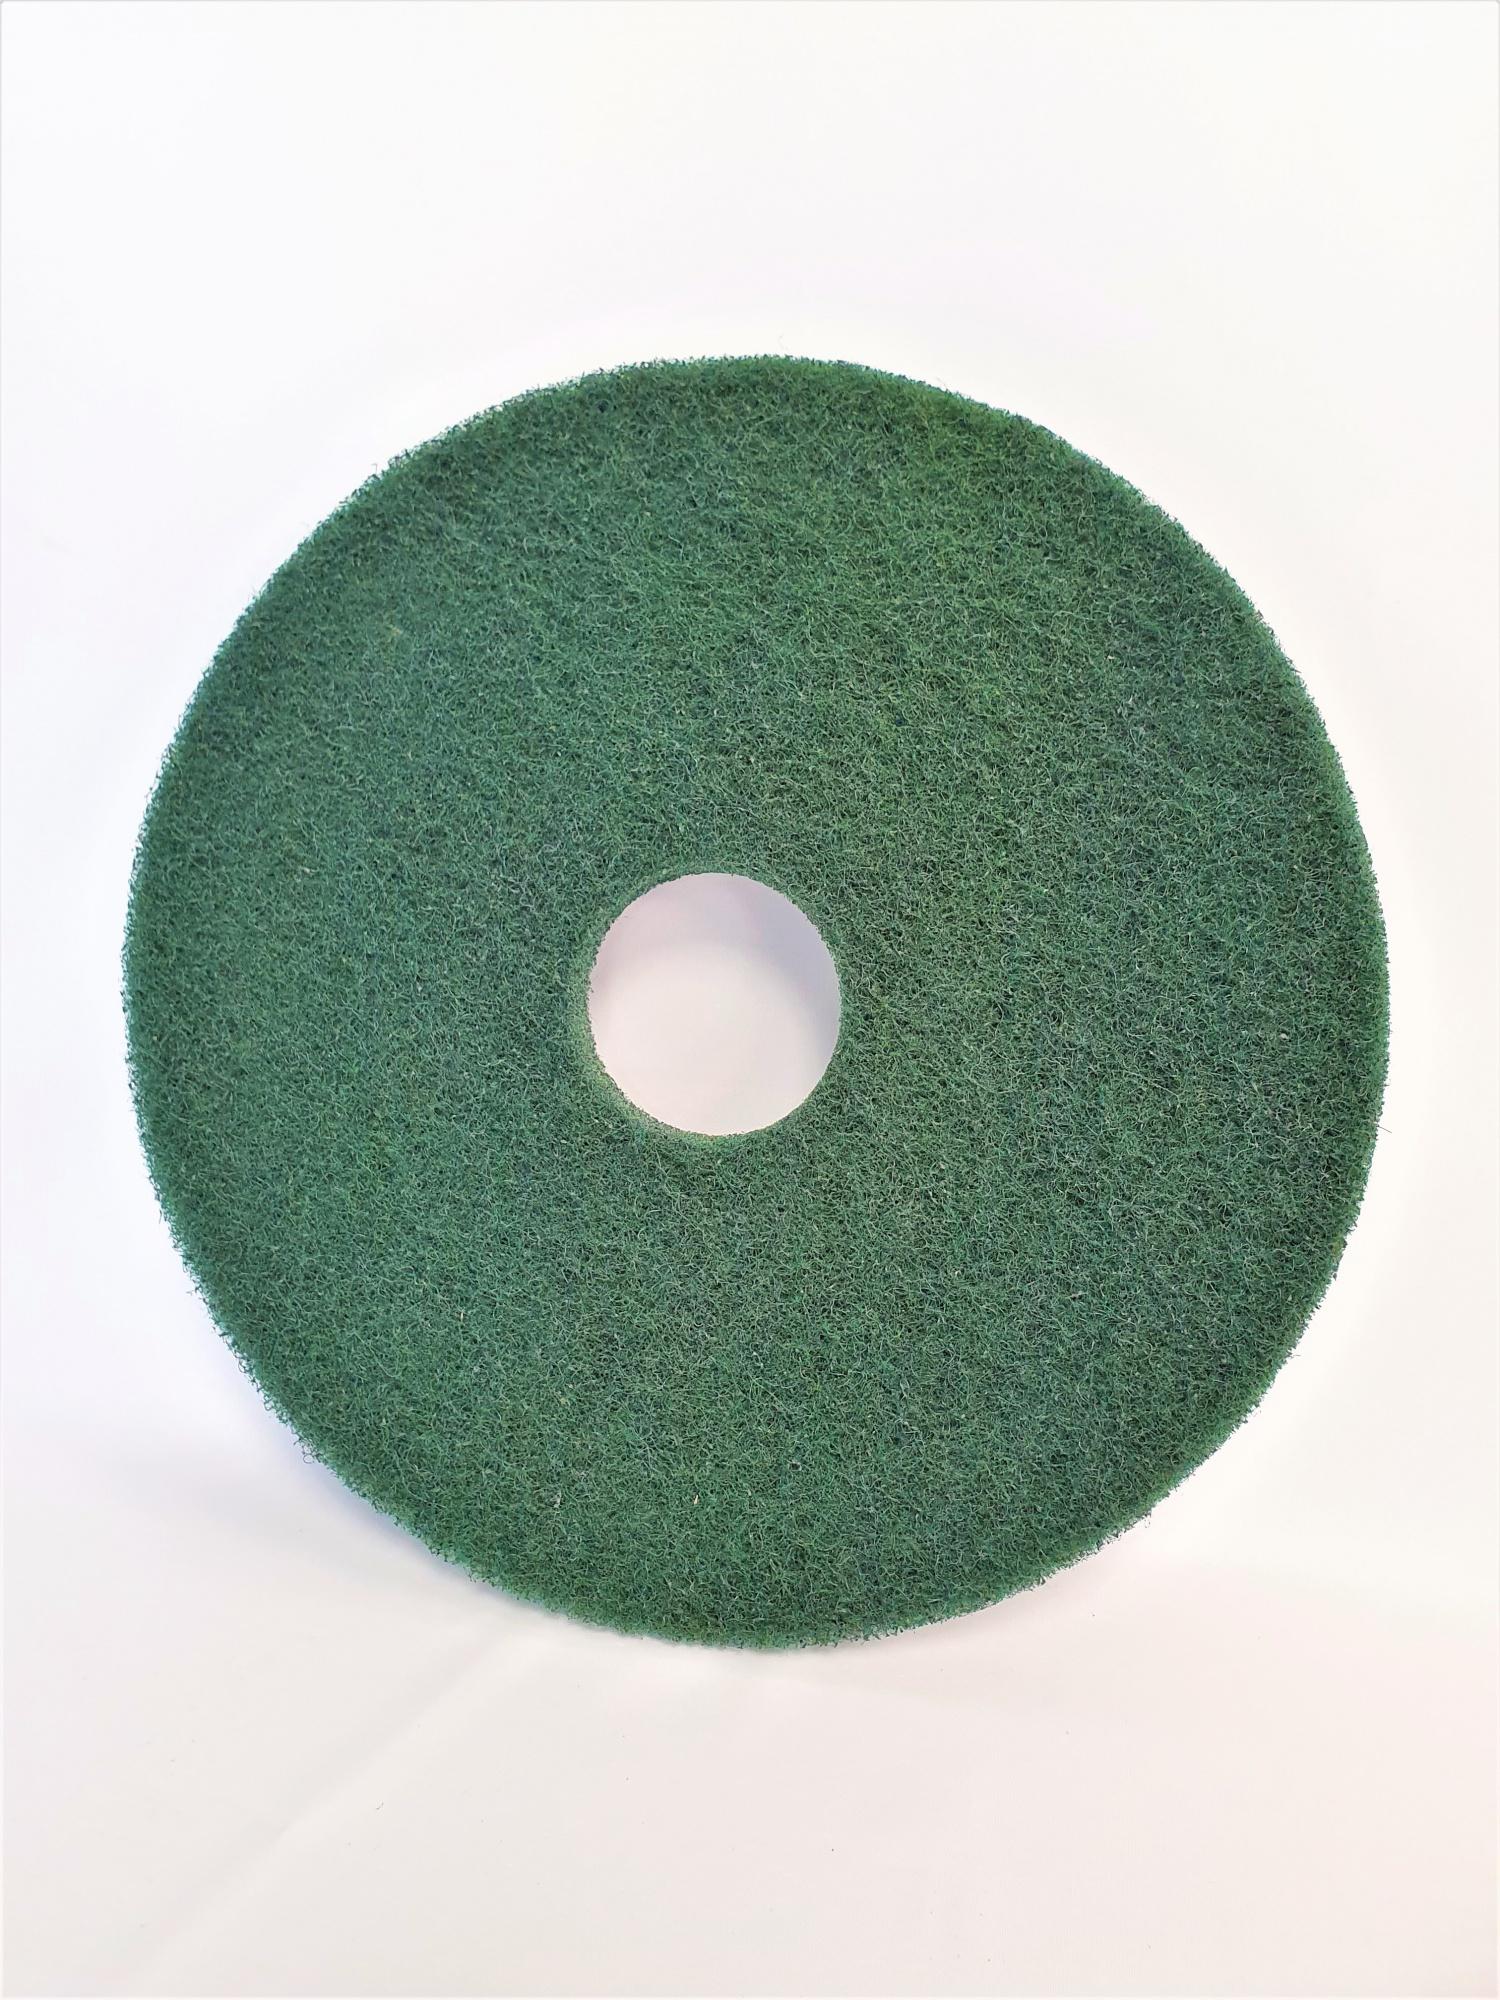 Disques verts diamètre 356 mm pour Autolaveuse TENNANT 7100 / 70